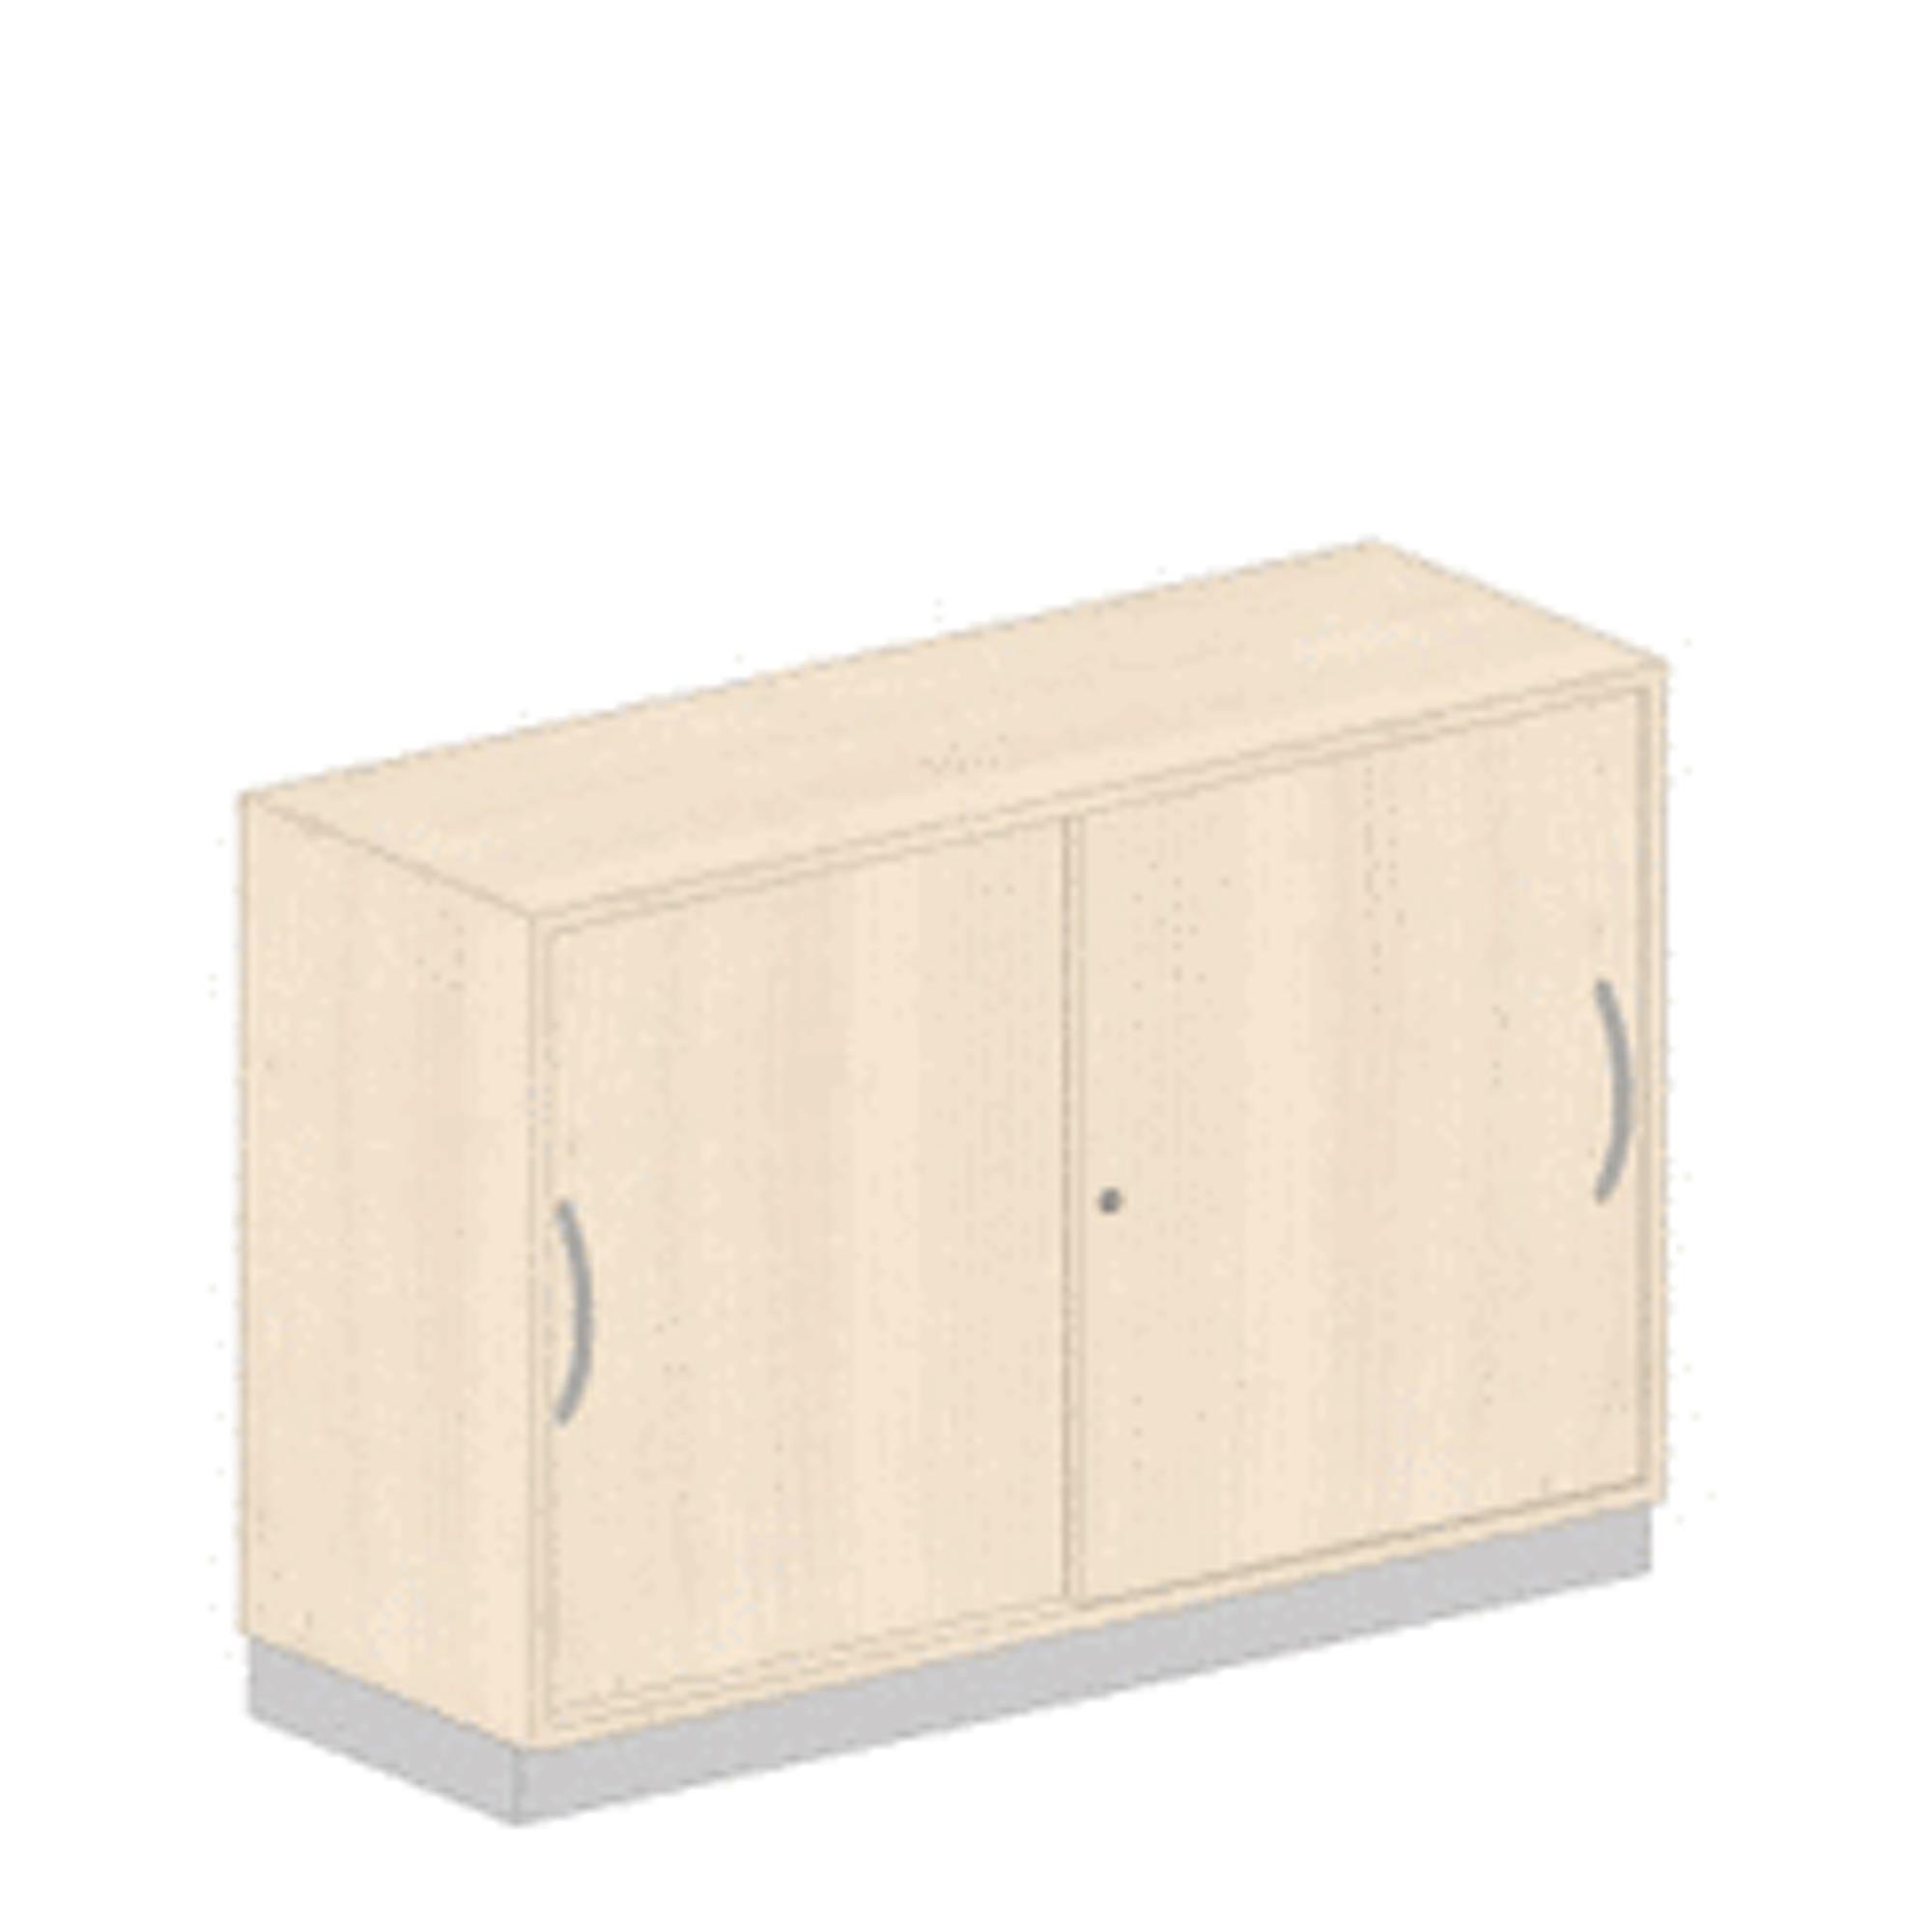 qbix45 schrank mit schiebet r hund b rom bel b rom bel g nstig online bestellen. Black Bedroom Furniture Sets. Home Design Ideas